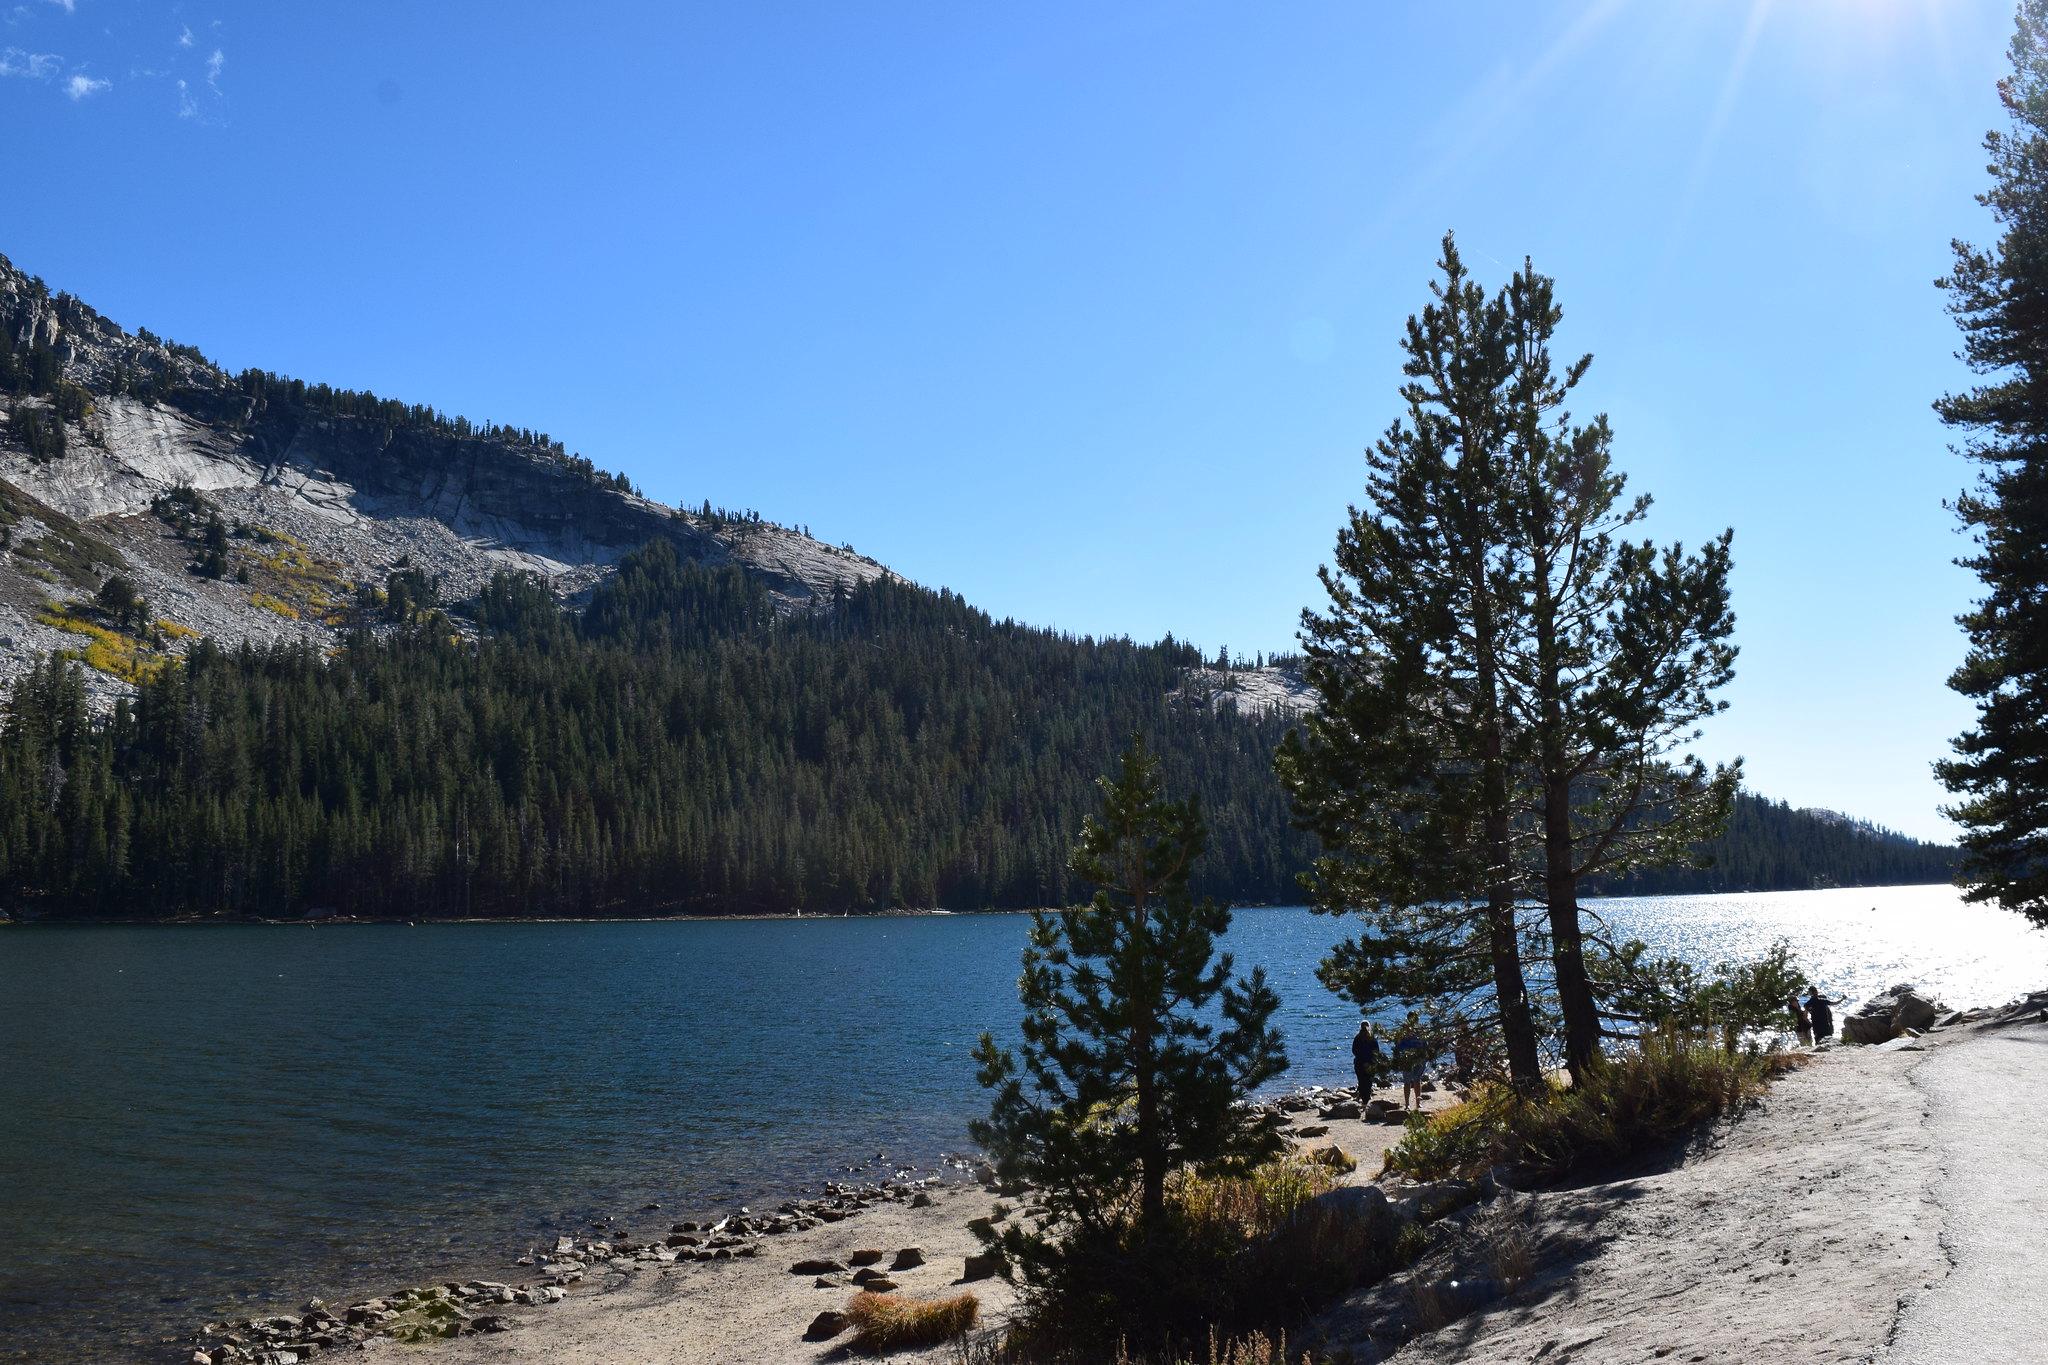 Lake Tenaya Yosemite NP on the Tuolumne road to Tioga Pass